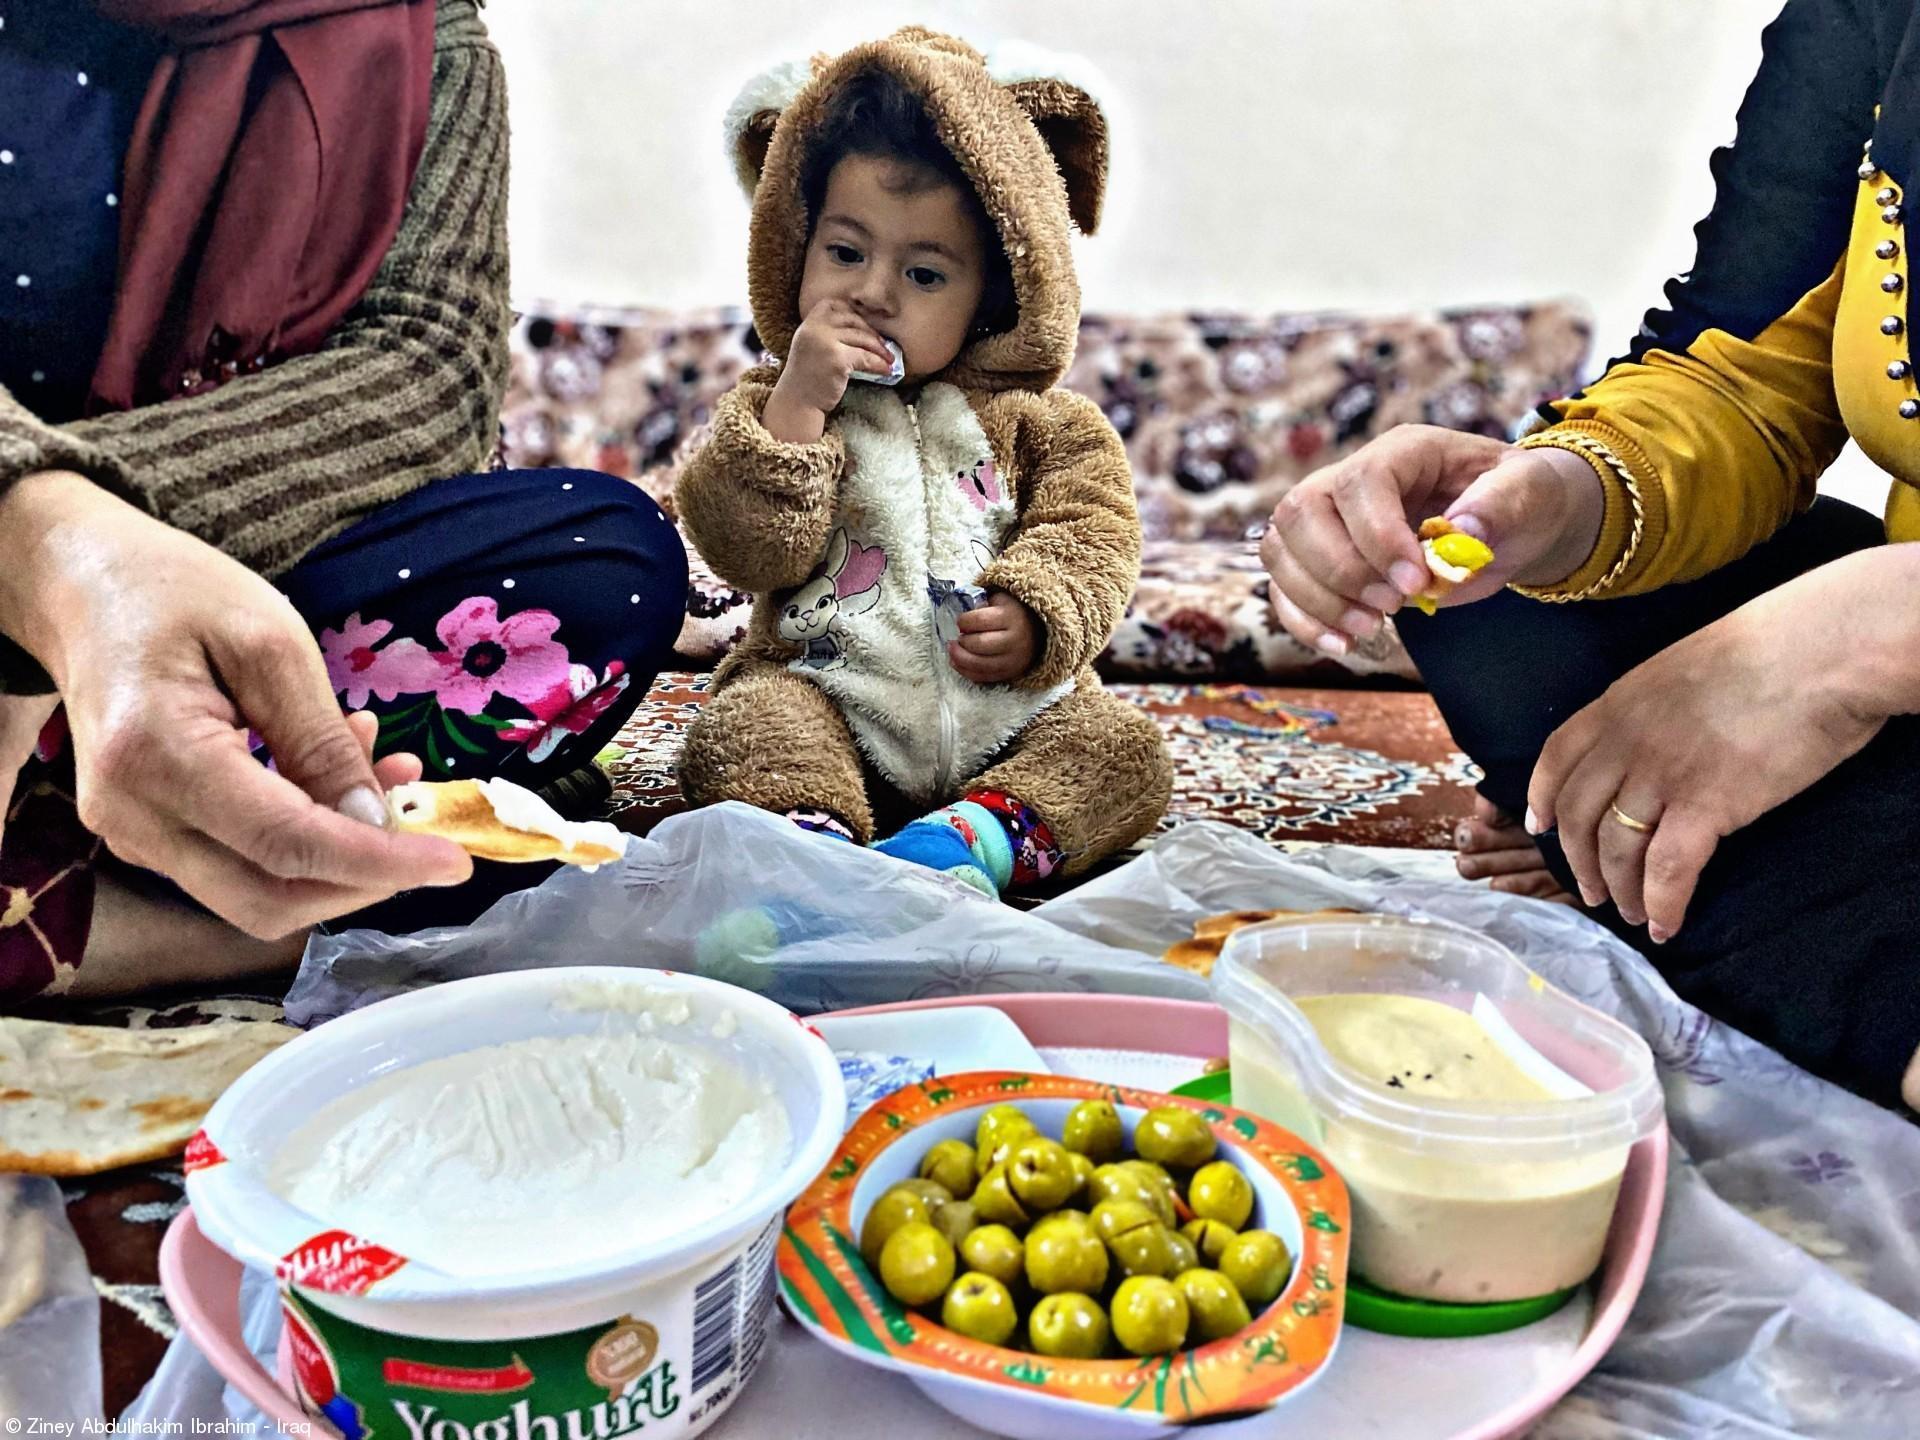 Storytellers - Ziney Abdulhakim Ibrahim - Iraq - Family